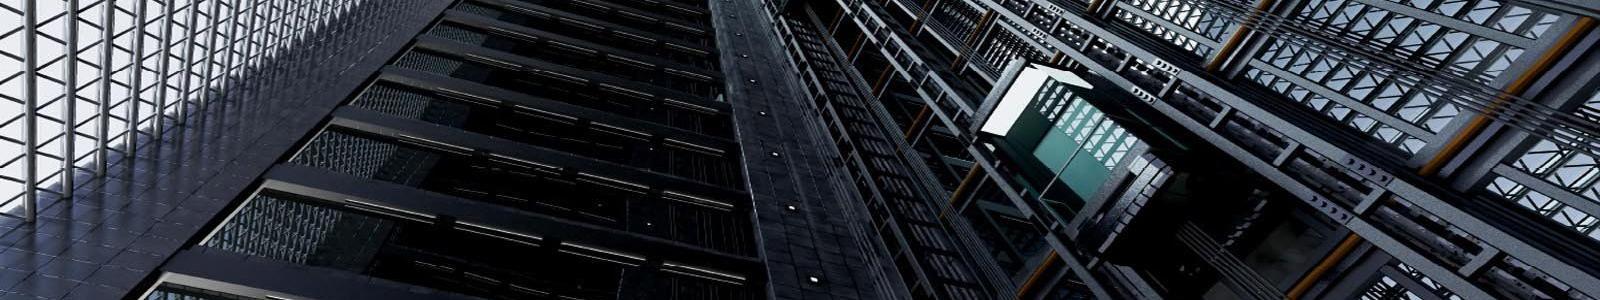 0cd03004e7 1600x300 - Asansörler